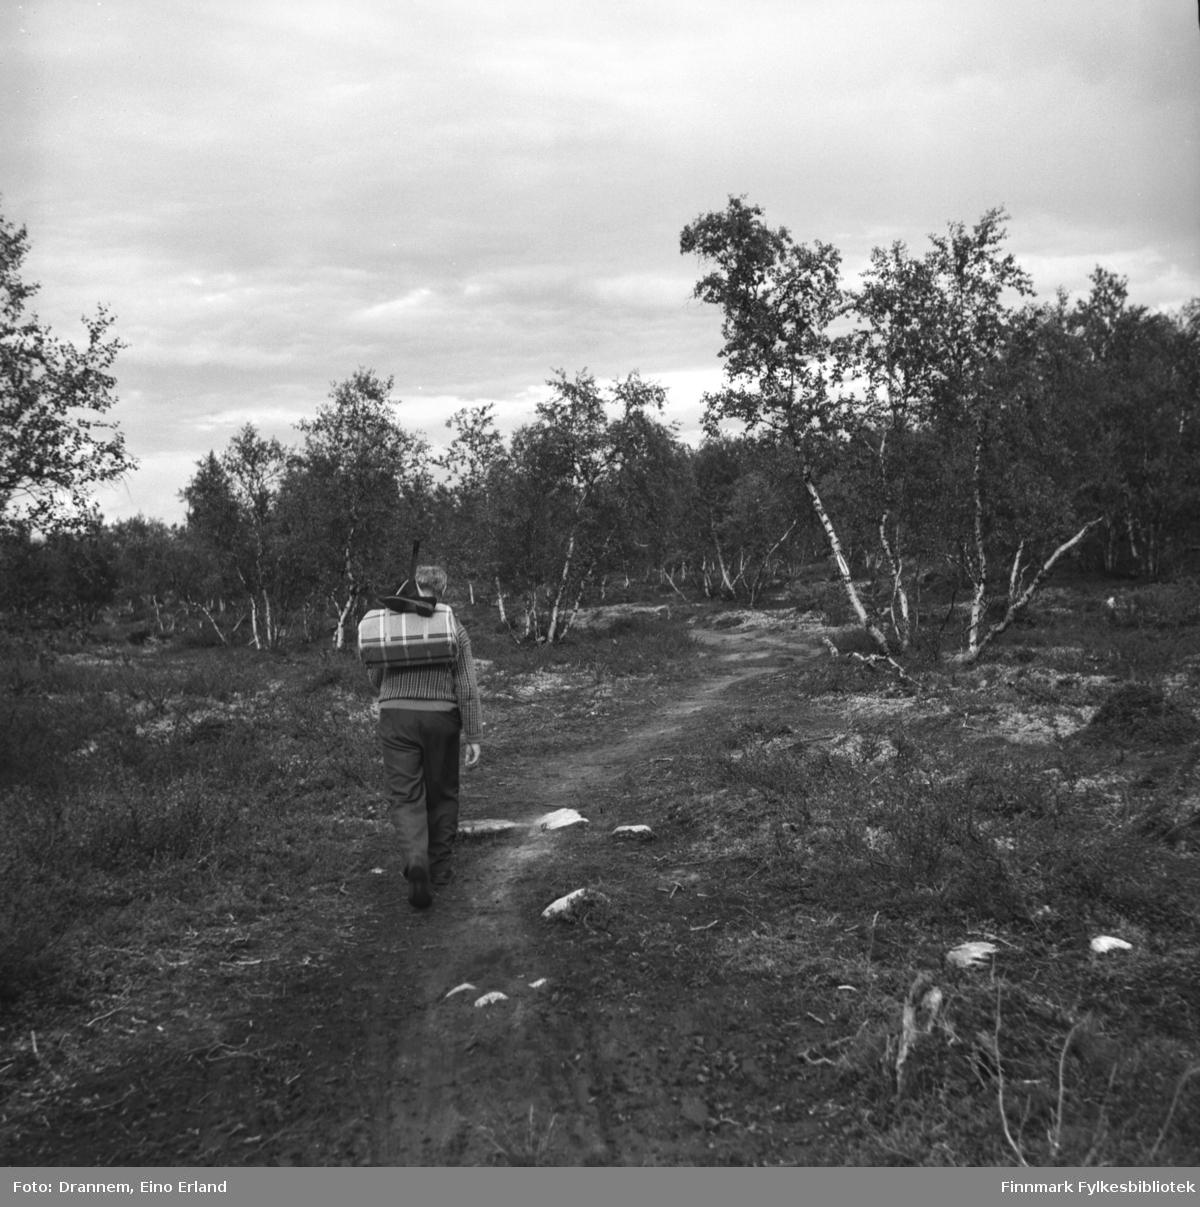 Søren Gabrielsen fotografert på tur i skogen.